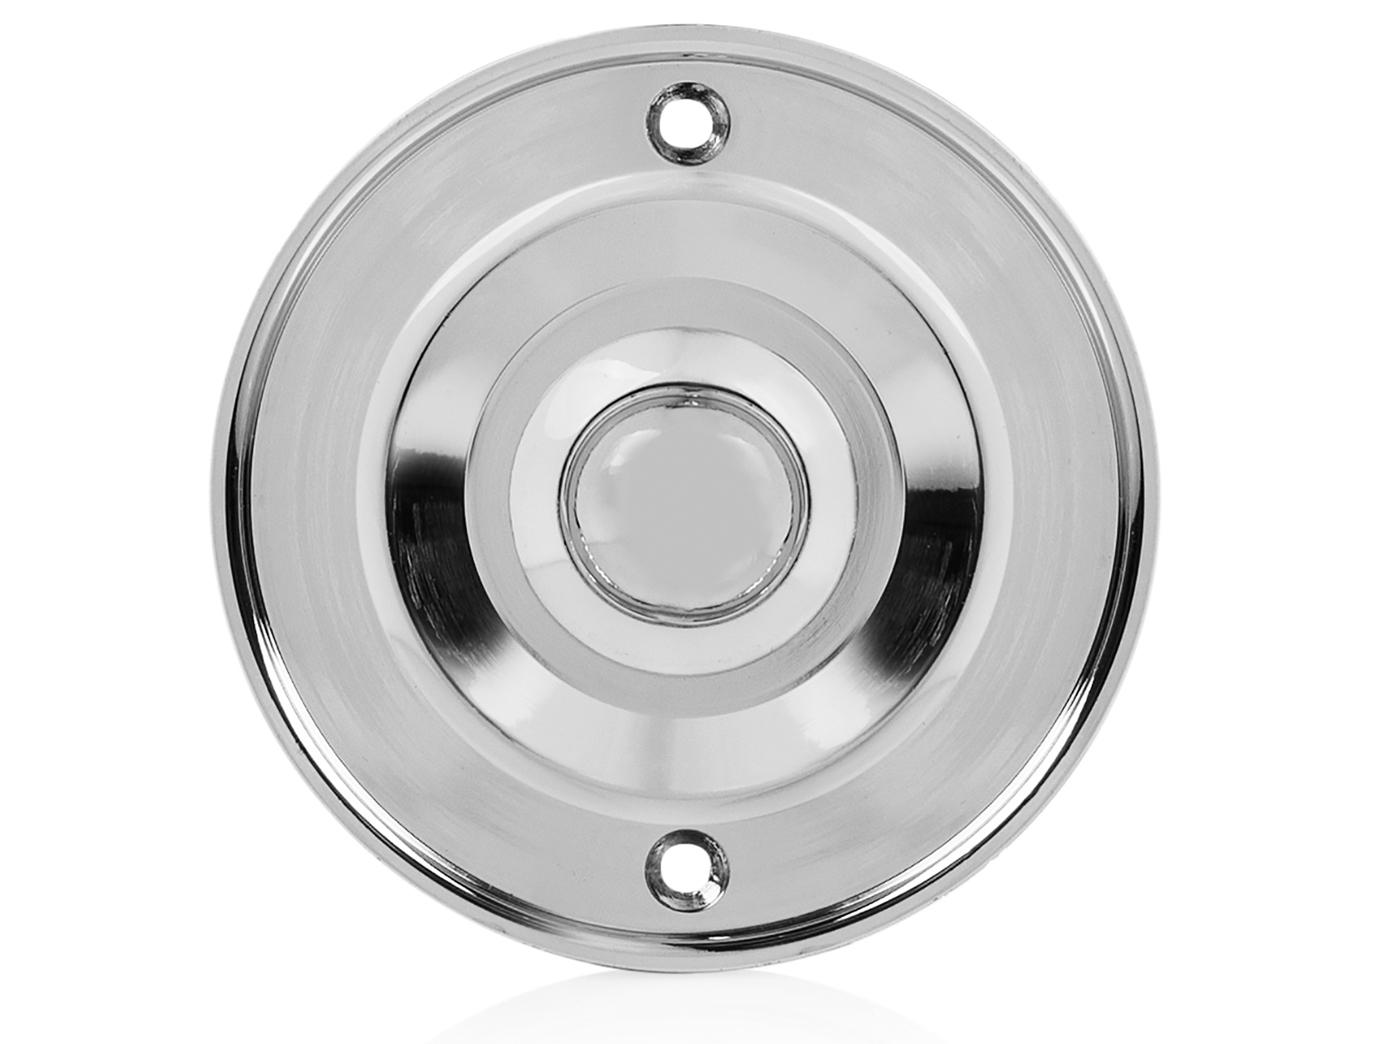 Runder Klingelknopf Messing klassisches Design Klingeltaster rund Klingelplatte